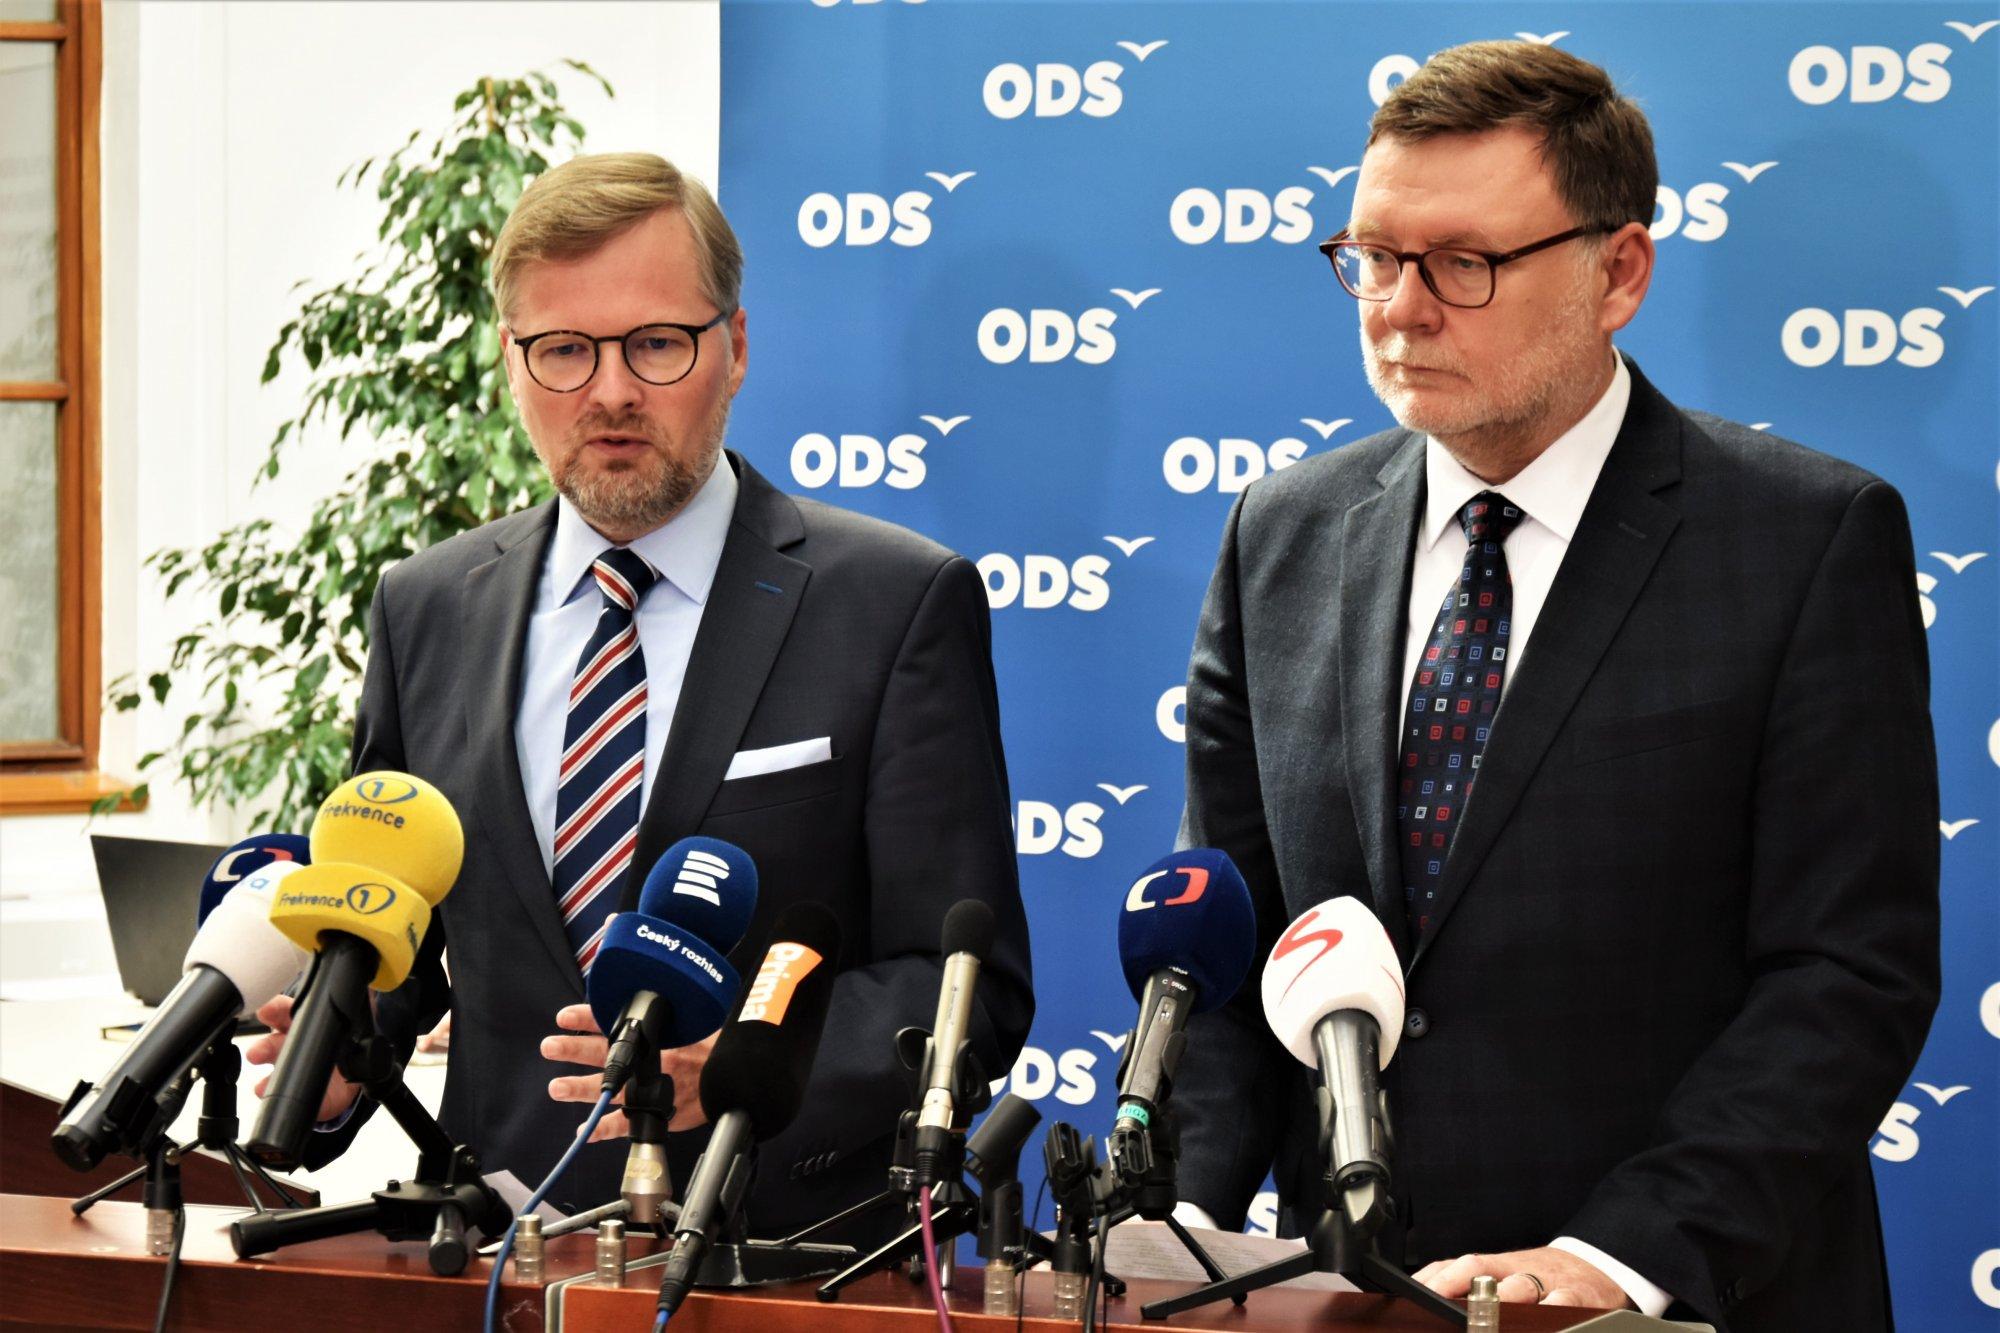 Chceme, aby bylo Česko úspěšnou zemí, proto předkládáme rozumná řešení